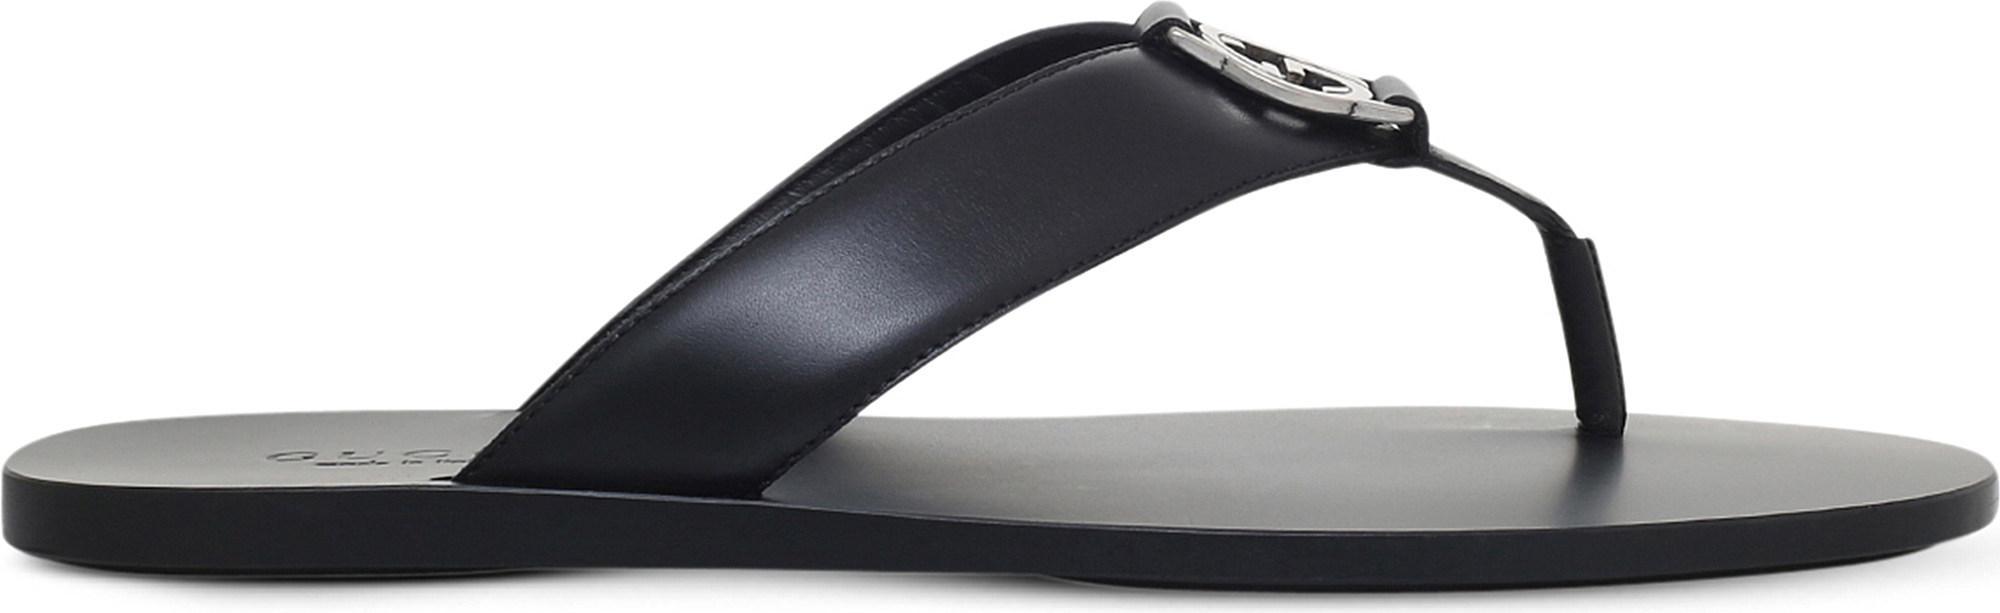 4f828a4a671b Lyst - Gucci Logo Leather Flip-Flops in Black